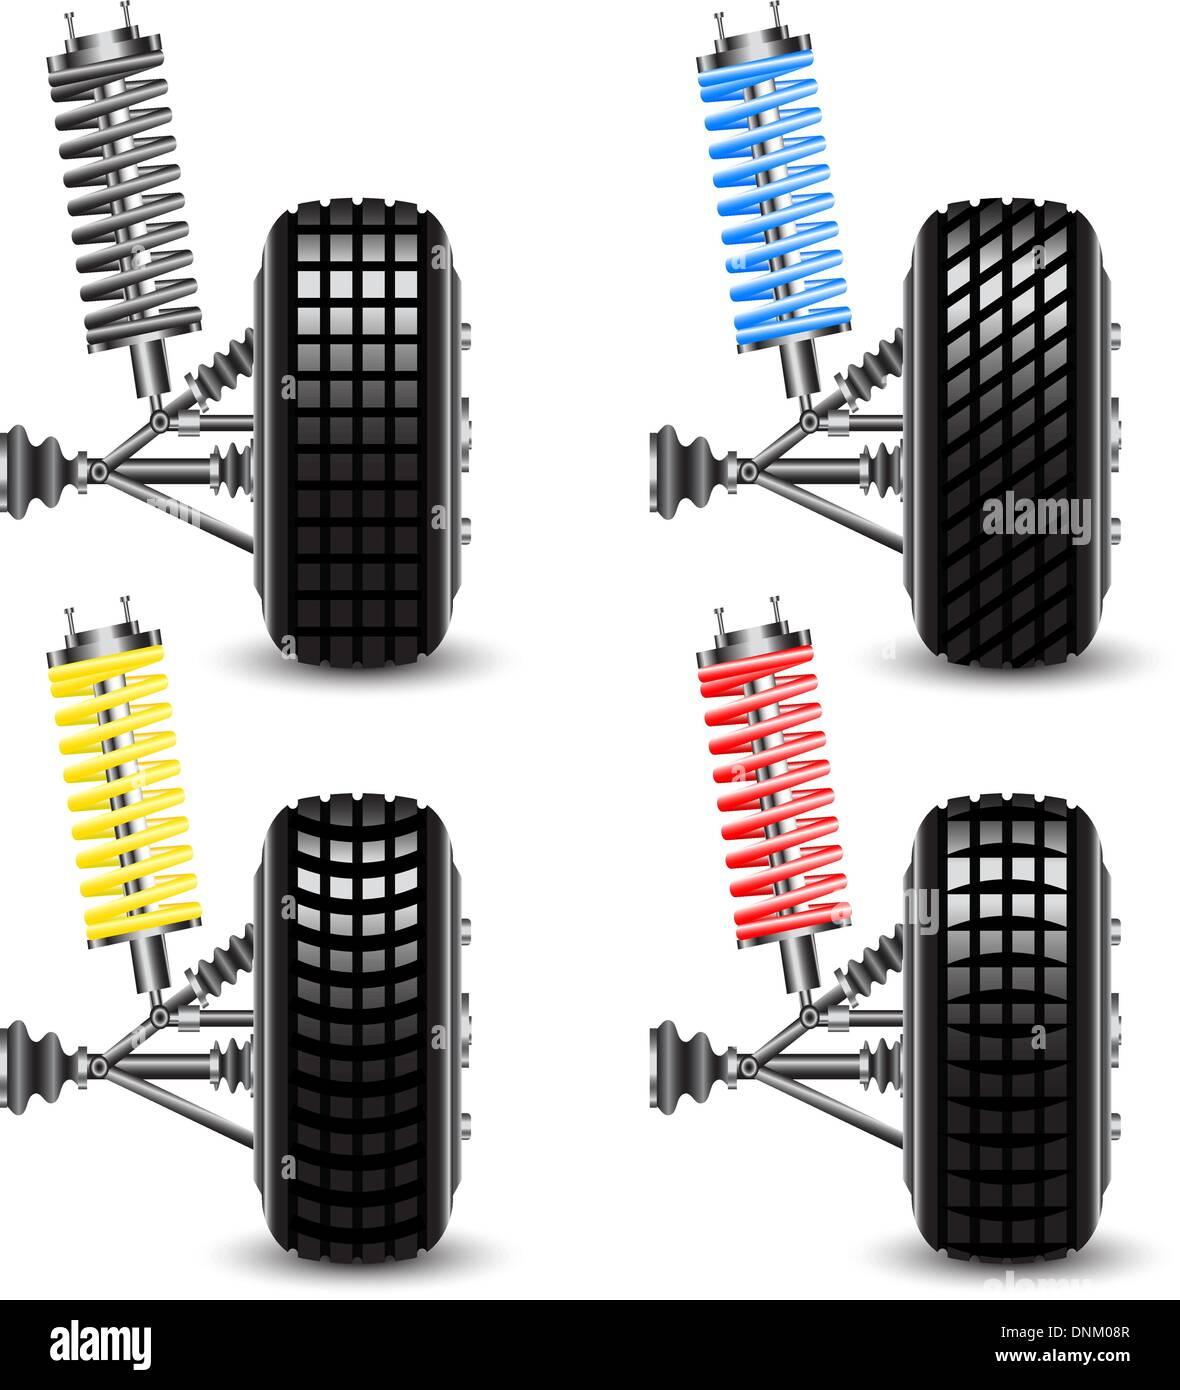 Conjunto de suspensión frontal del automóvil, vista frontal. Ilustración vectorial Imagen De Stock